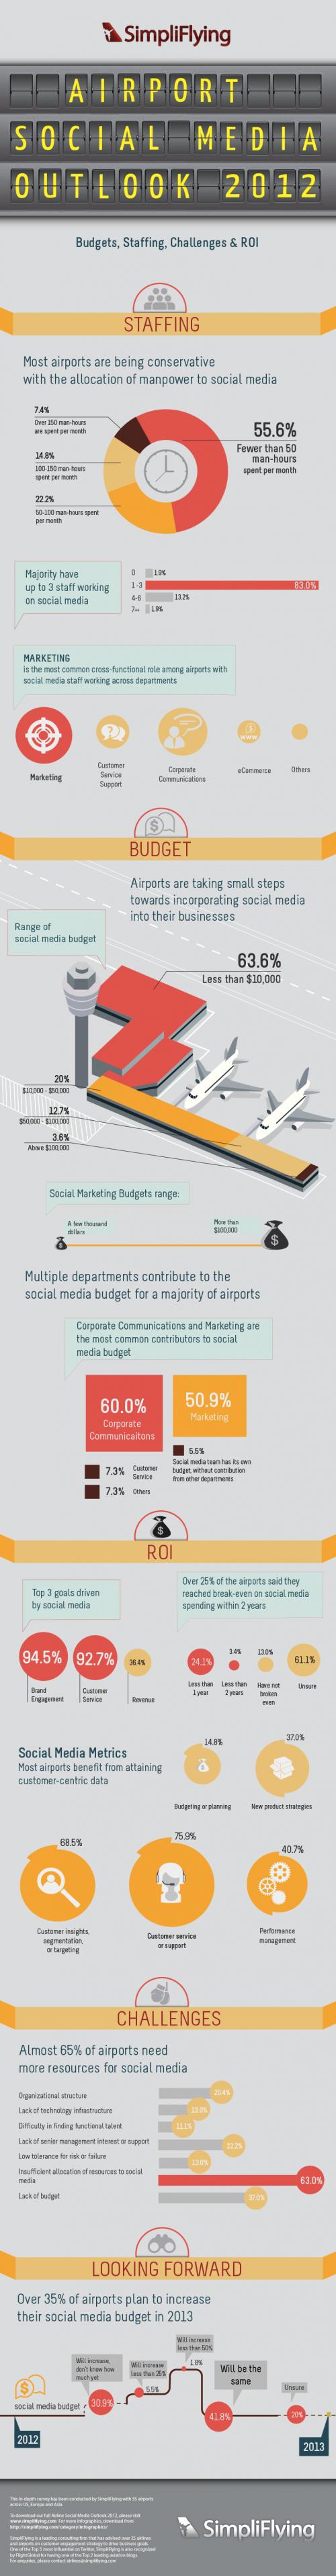 Social Media en aeropuertos, infográfico y estudio por @simpliflying #SMCMX